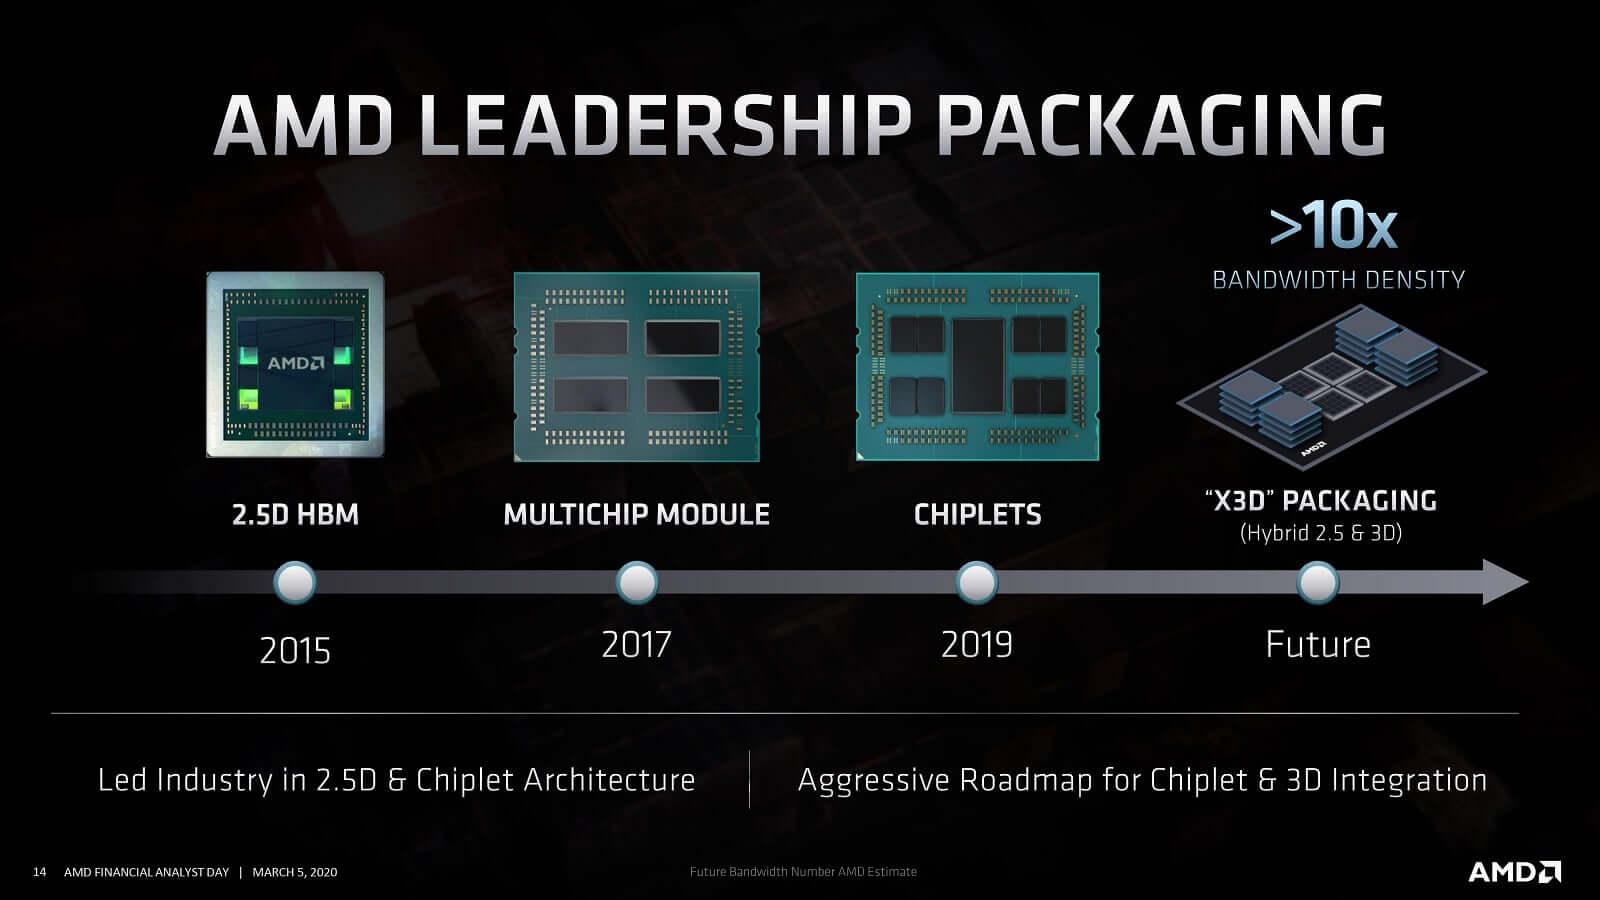 X3D Packaging